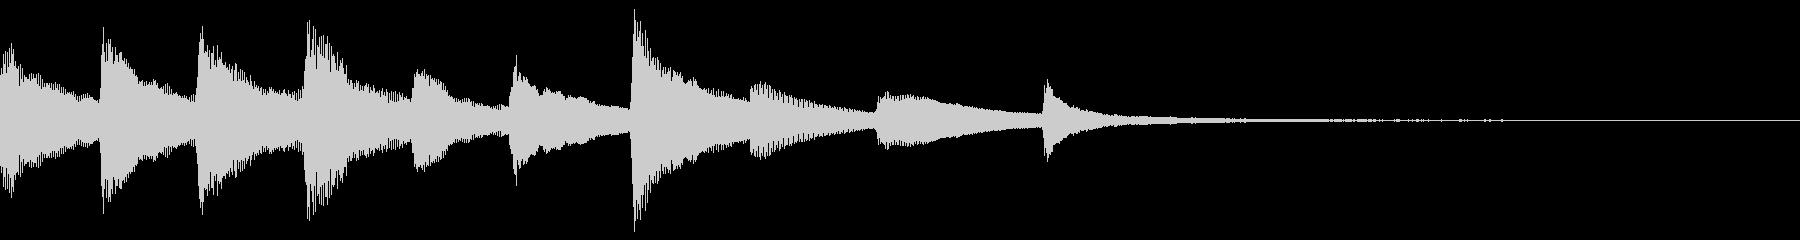 きれいなピアノのジングル28の未再生の波形